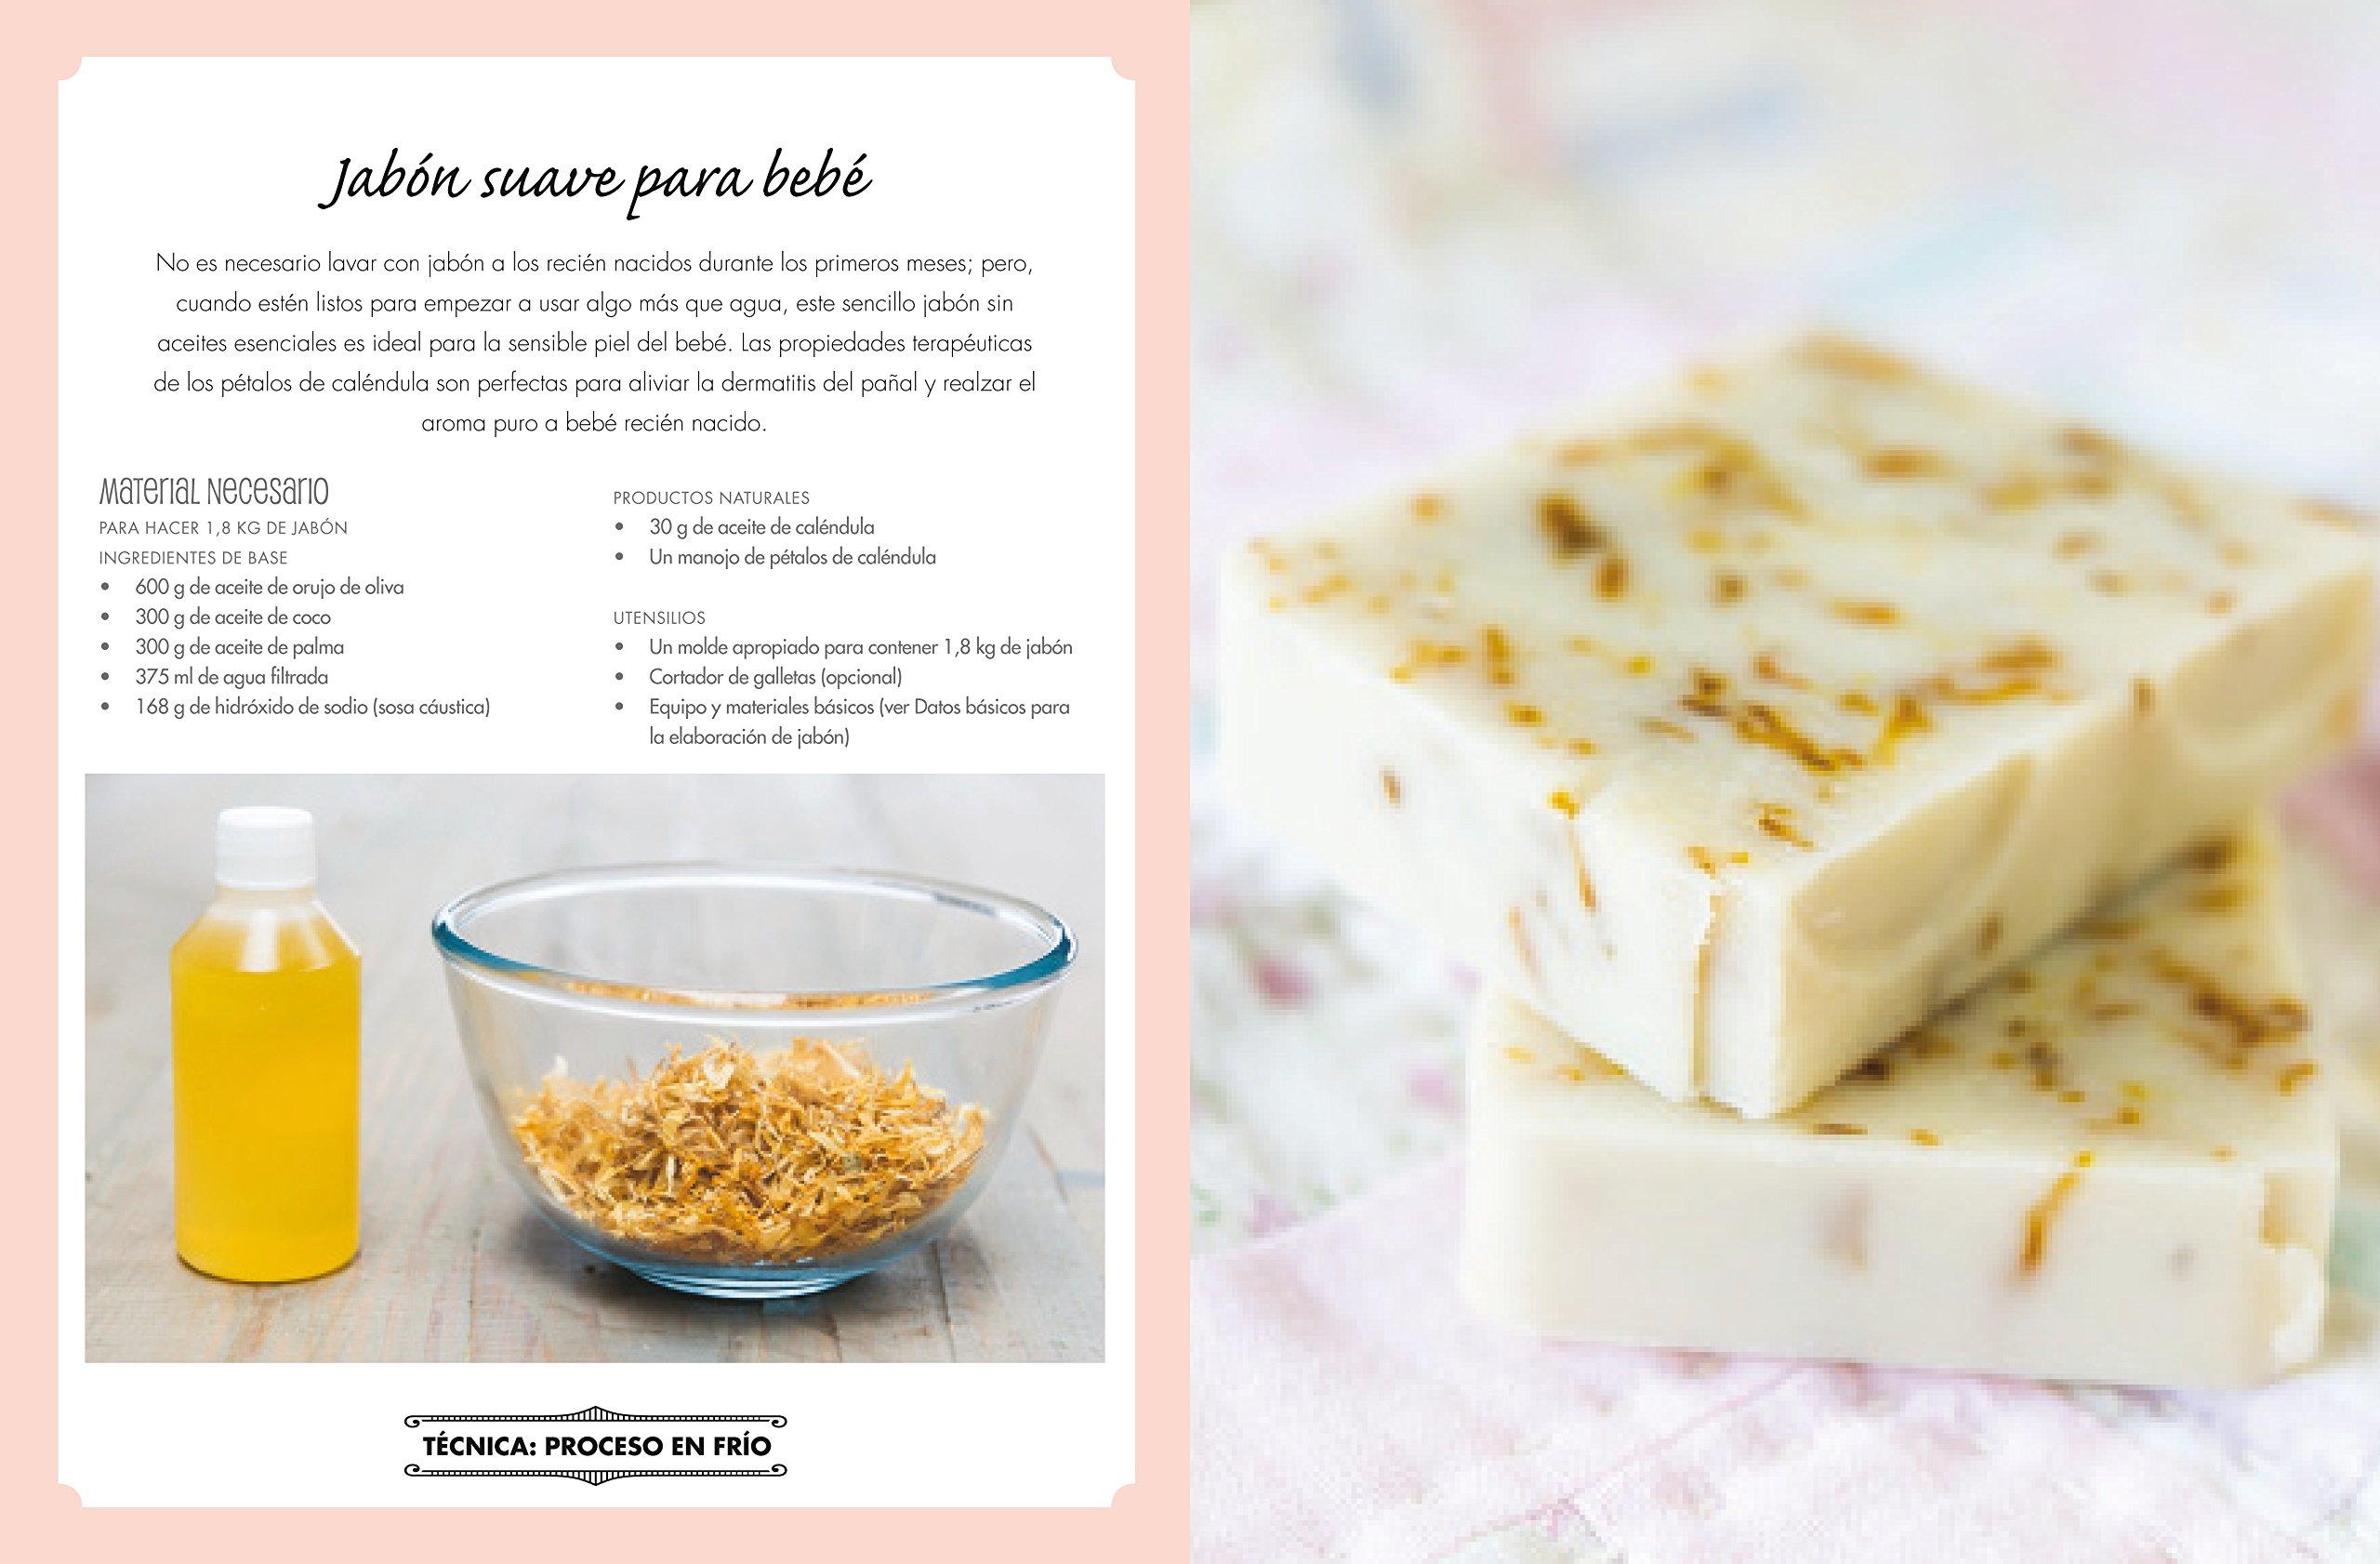 El libro de los jabones naturales y artesanales: 20 recetas de jabones para el baño, los hijos y el hogar: Sarah Harper: 9788498744859: Amazon.com: Books